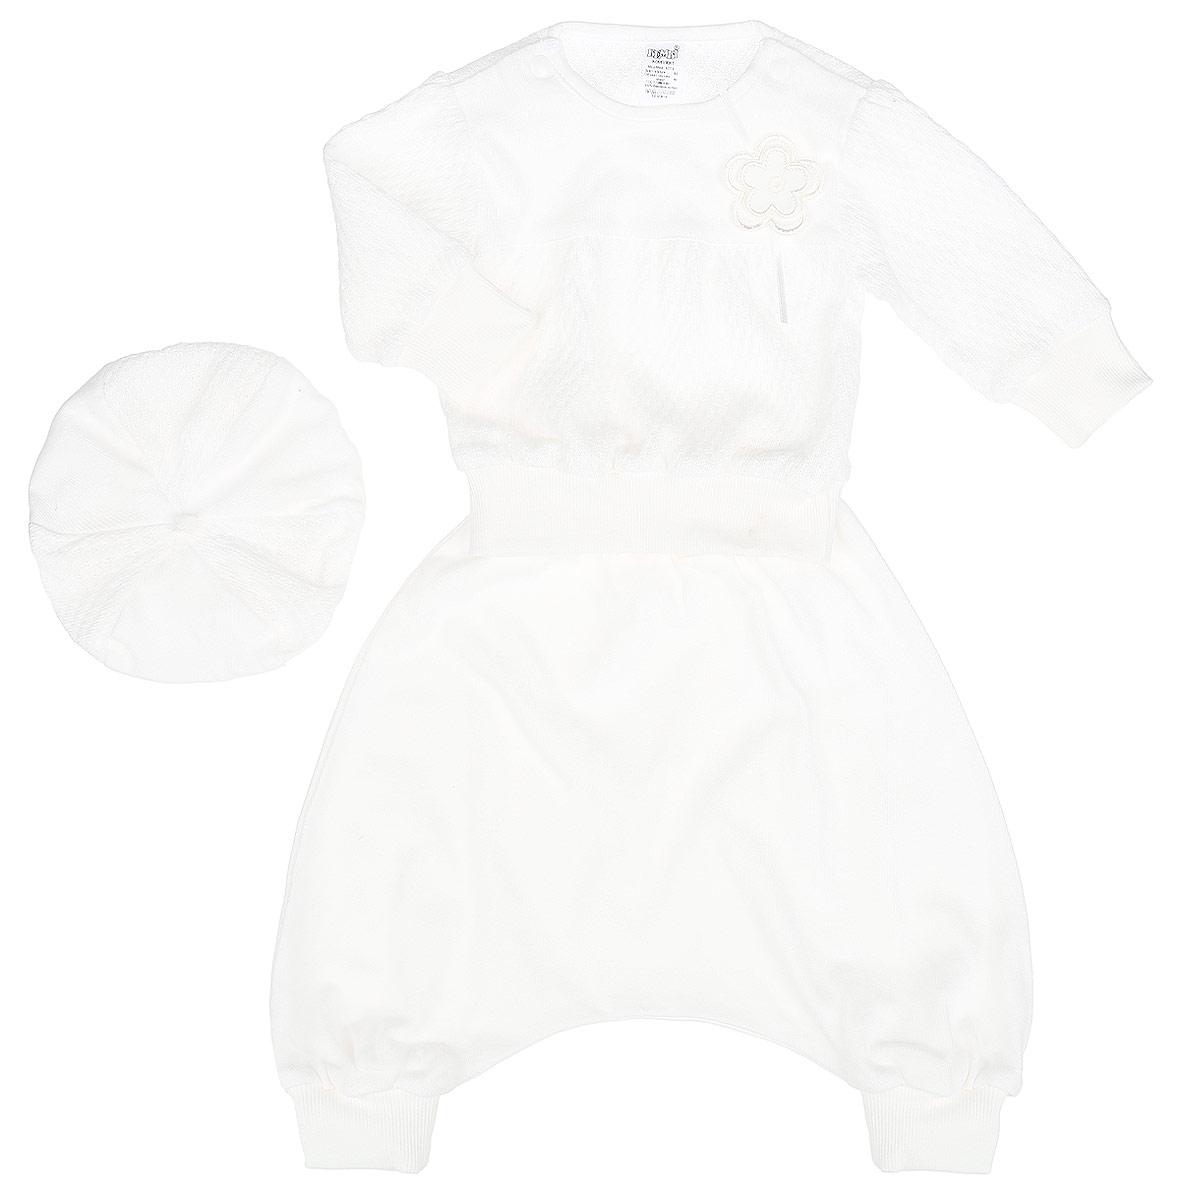 Комплект для девочки: штанишки, кофточка, берет. KP72-17KP72-17Комплект для новорожденного БЕМБІ - это замечательный подарок, который прекрасно подойдет для первых дней жизни малыша. Комплект состоит из штанишек, кофточки и берета. Комплект изготовлен из натурального хлопка. Он необычайно мягкий и приятный на ощупь, не сковывает движения малыша и позволяет коже дышать, не раздражает даже самую нежную и чувствительную кожу ребенка, обеспечивая ему наибольший комфорт. Штанишки имеют широкий пояс, благодаря чему не сдавливают животик ребенка и не сползают, идеально подходят для ношения с подгузником и без него. Снизу брючины дополнены широкими эластичными резинками. Кофточка с длинными рукавами выполнена фактурной вязкой и застегивается на кнопки на плечиках. Рукава и низ изделия дополнены широкими трикотажными резинками. Кофточка украшена очаровательным пришитым цветочком. Мягкий берет, необходимый любому младенцу, защищает еще не заросший родничок, щадит чувствительный слух малыша, прикрывая ушки, и предохраняет от теплопотерь....